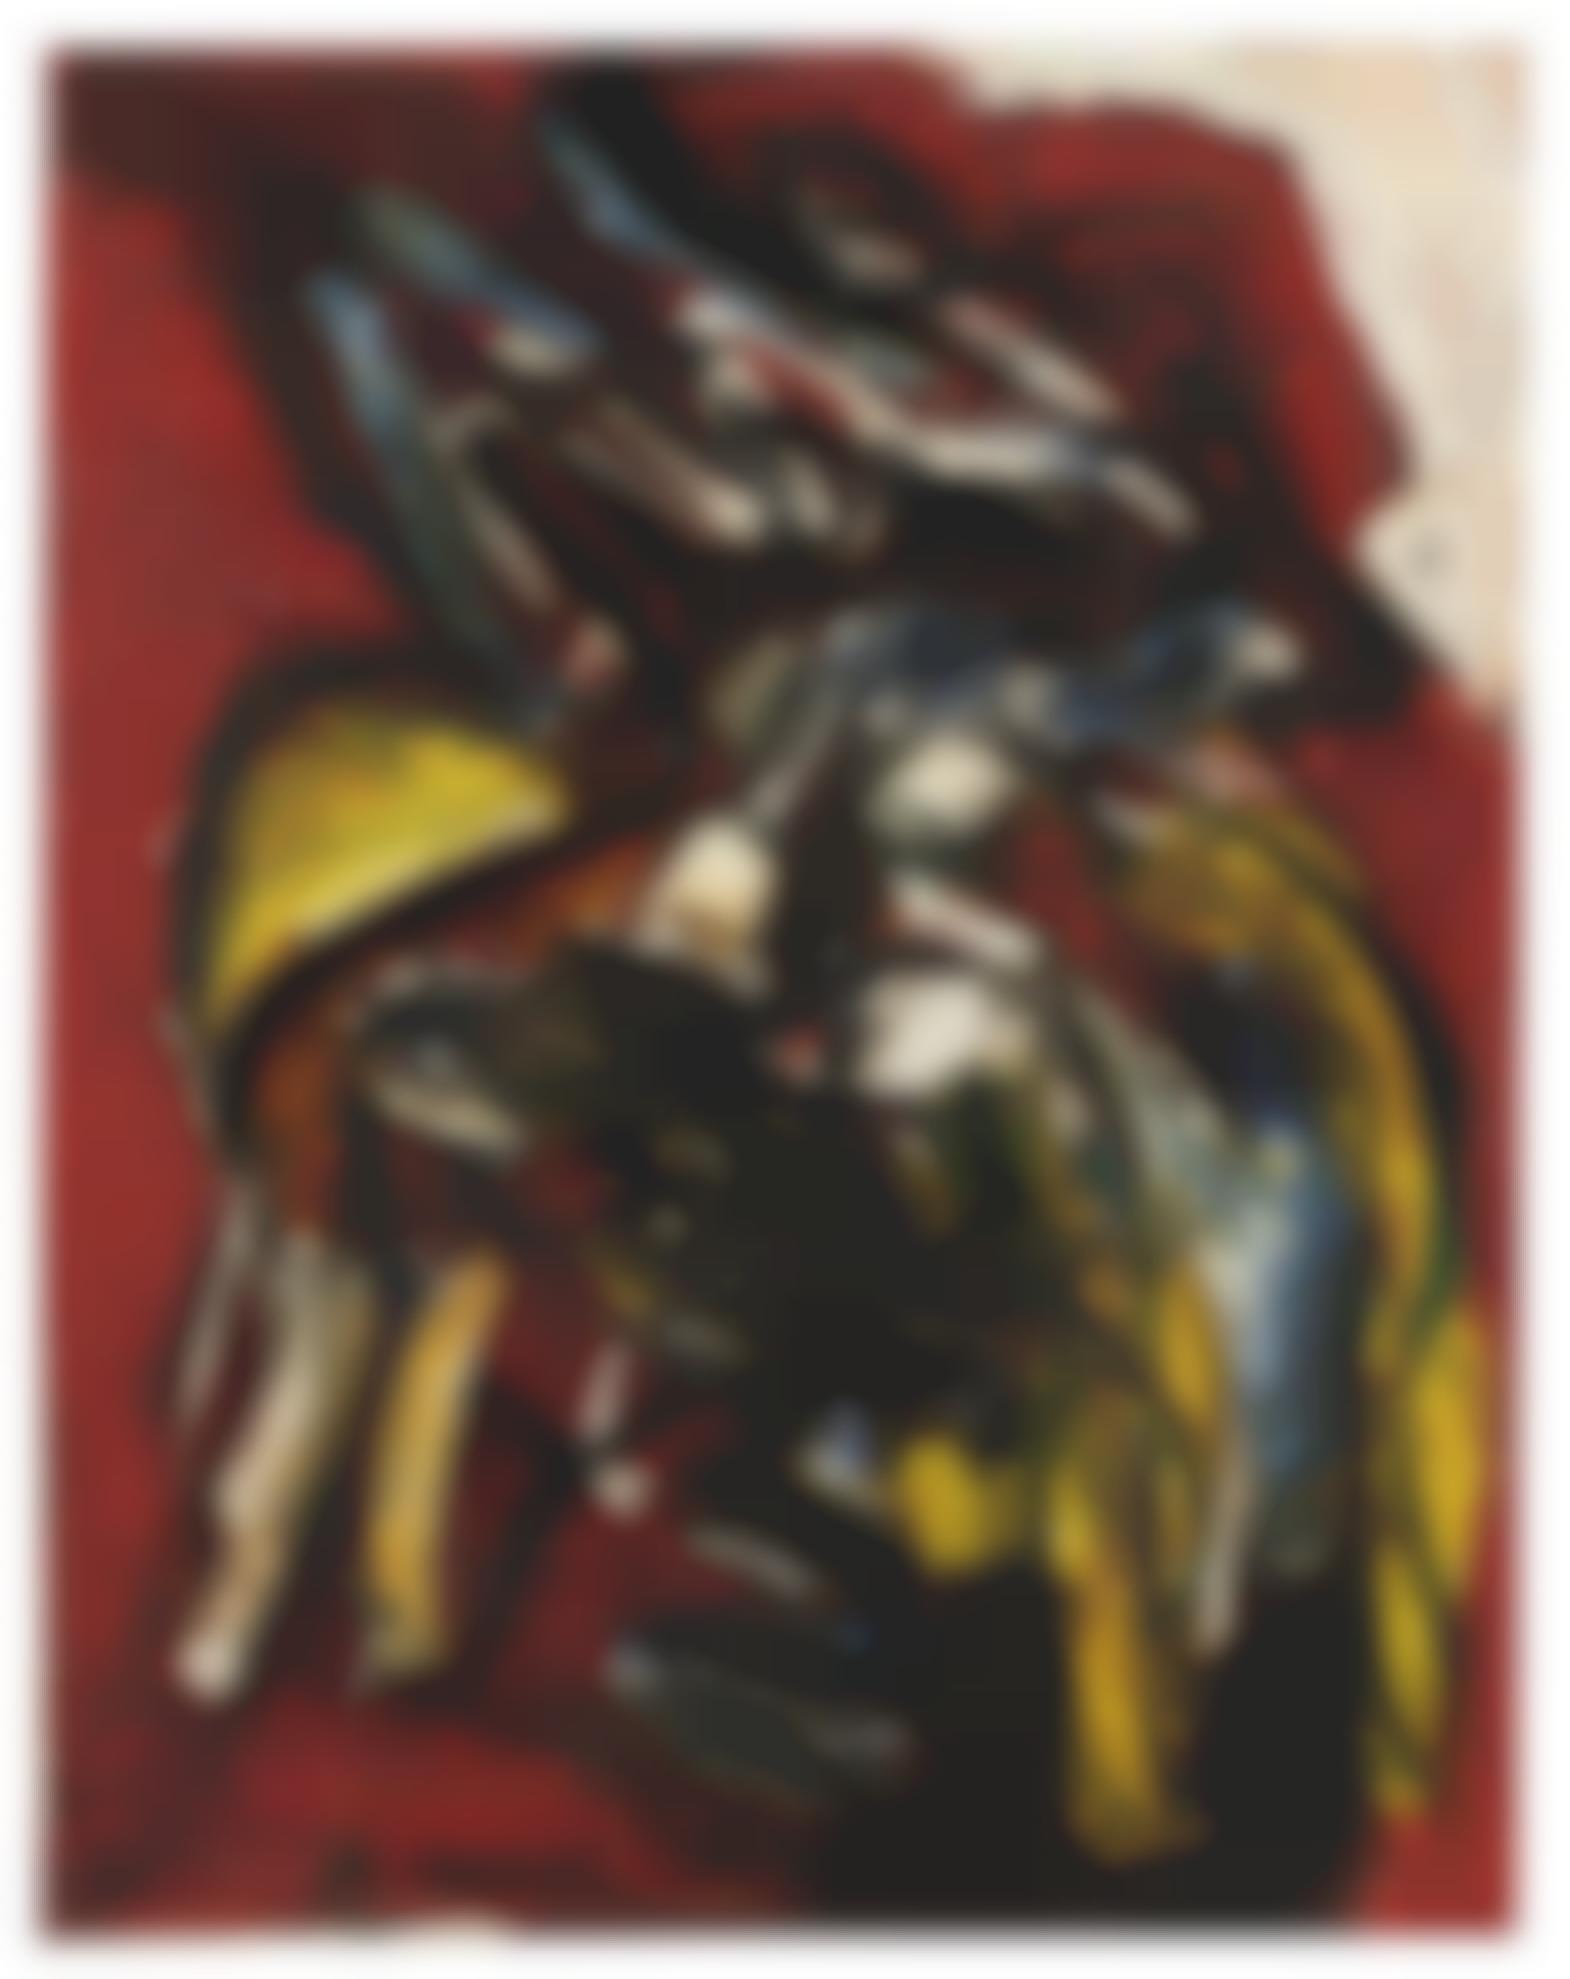 Karel Appel-Untitled-1956